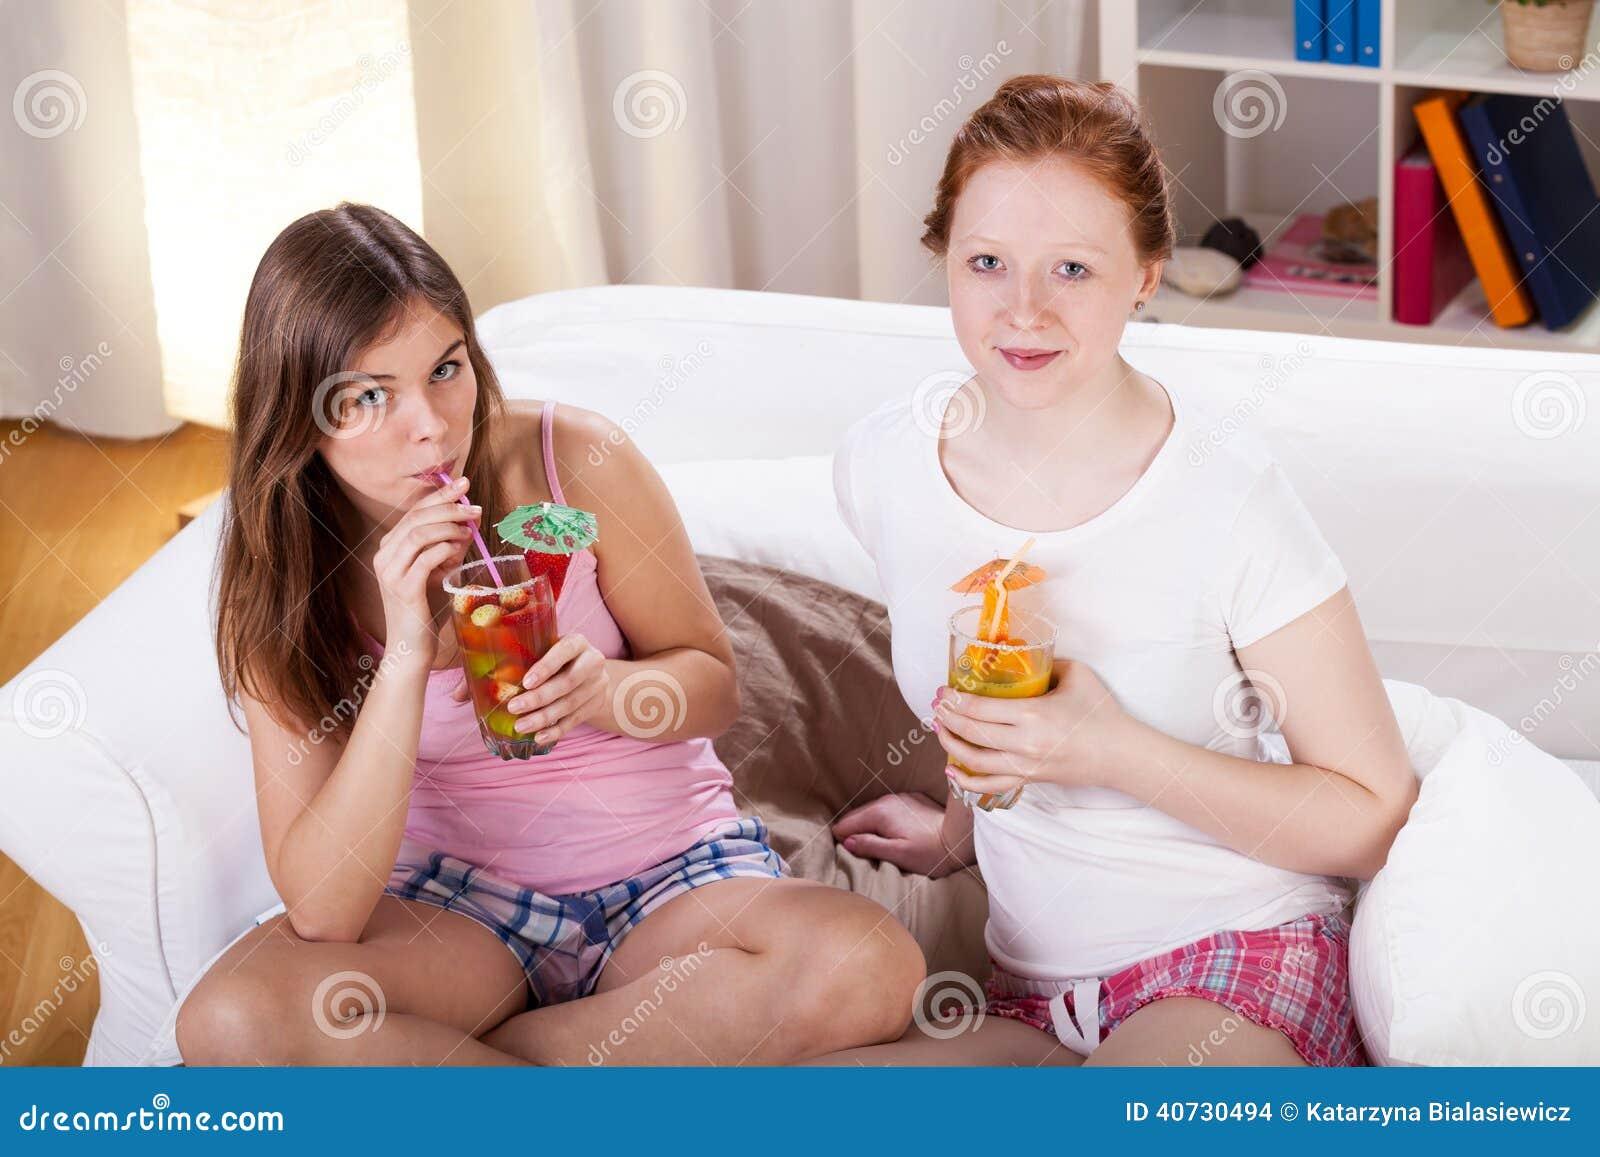 little girls have teen